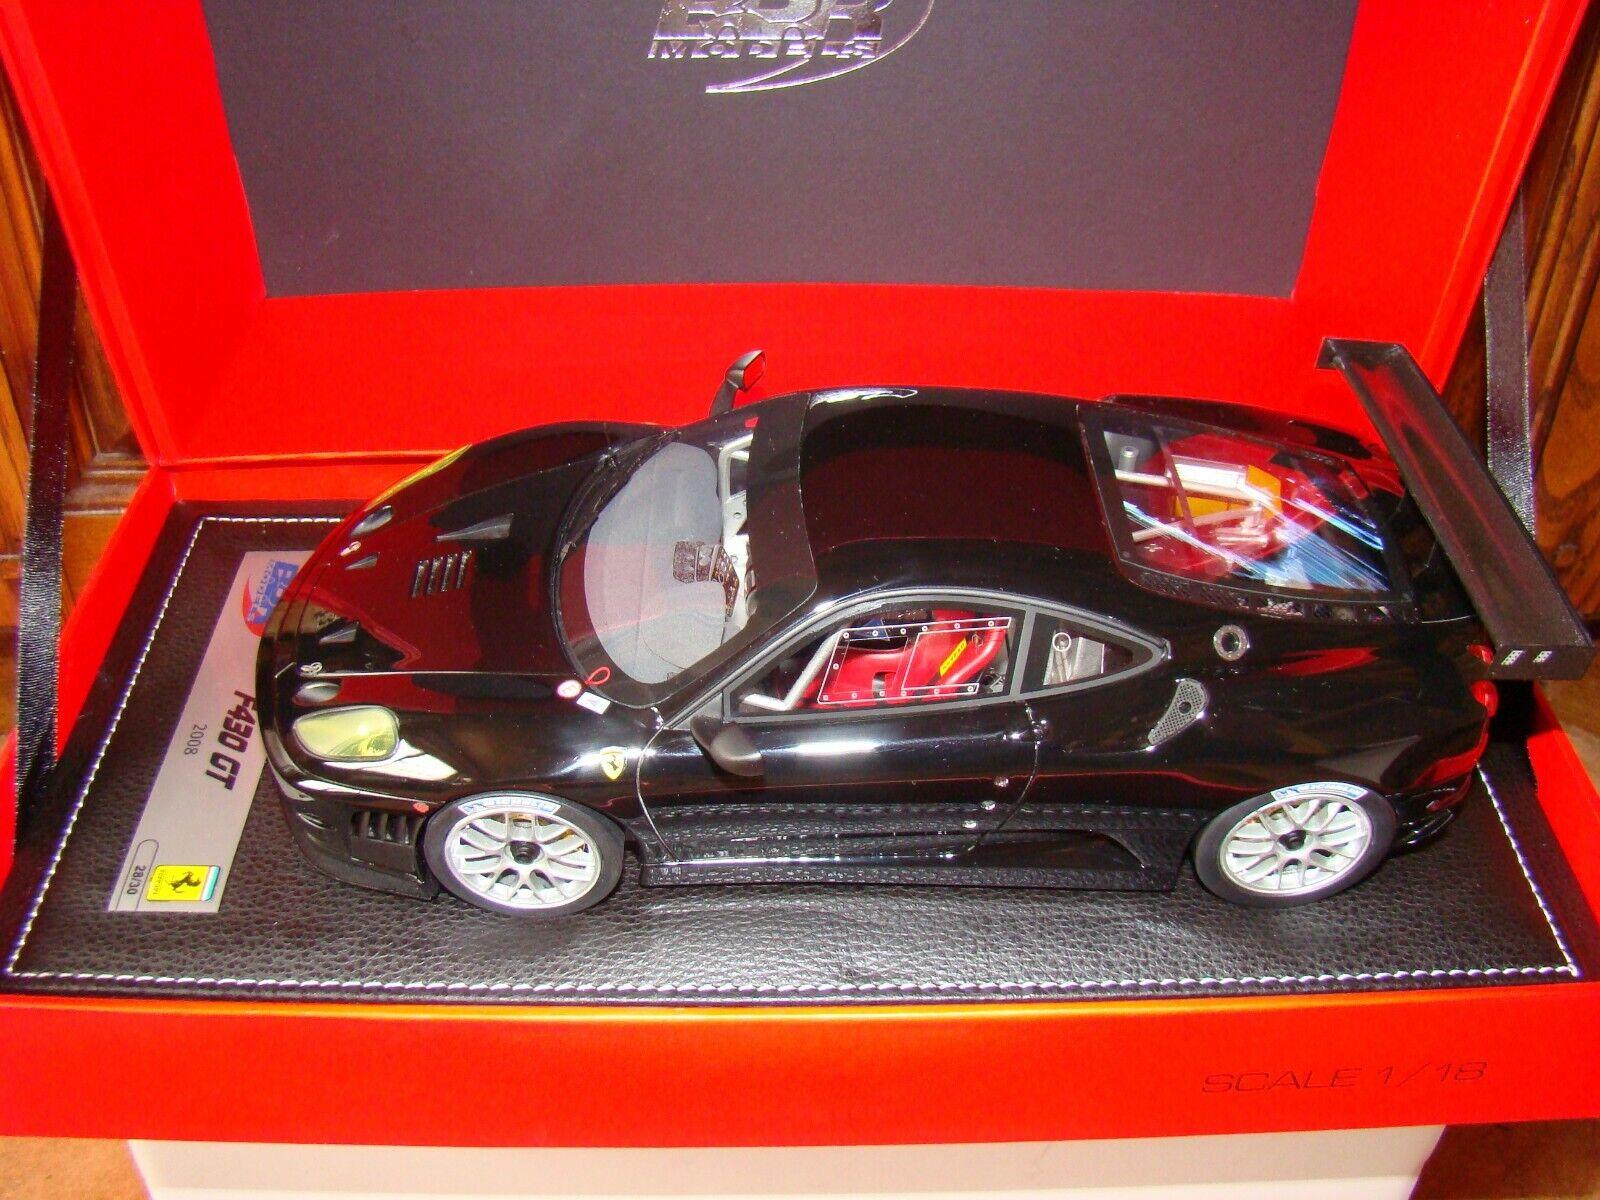 Ferrari F430 Gt2 2008 Nueva Engine nero Bbr 1 18 Eme Edición Limitada Raro